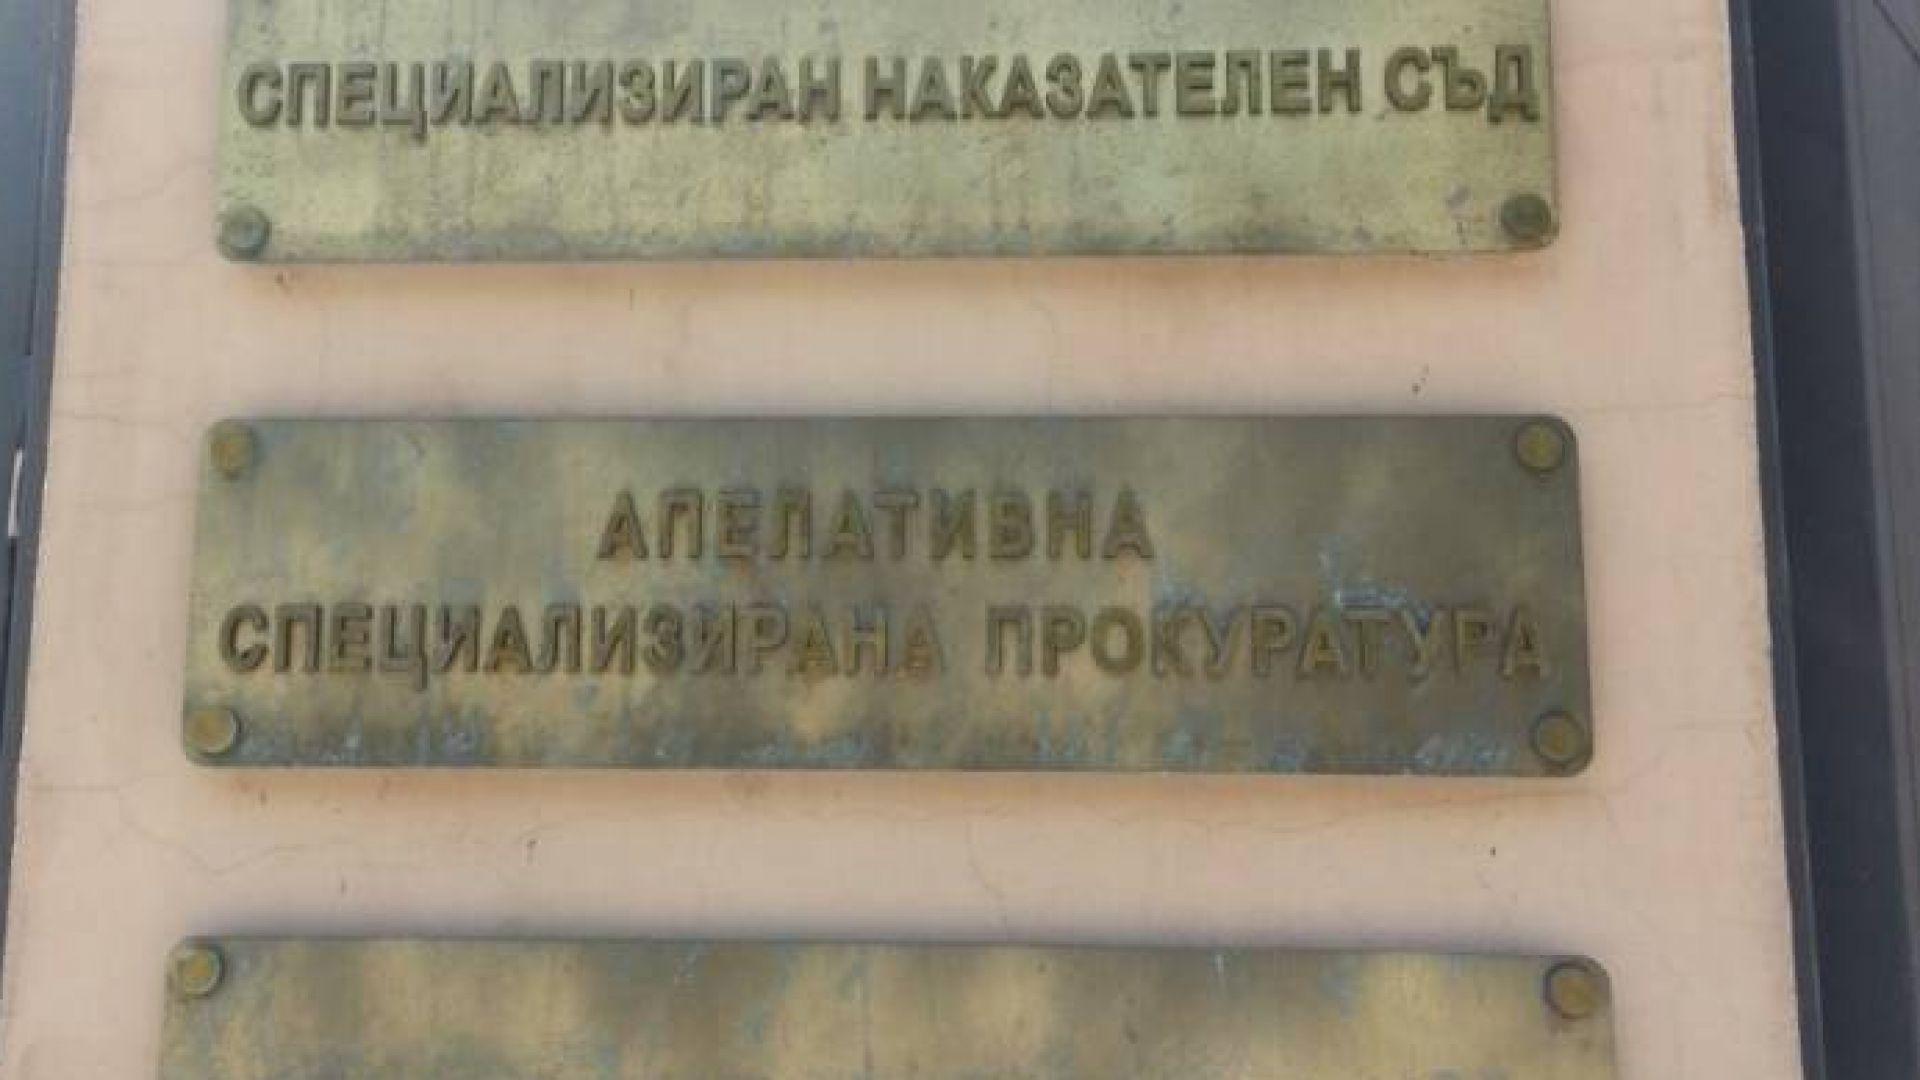 Специализираната прокуратура разследва Агенцията за българите в чужбина